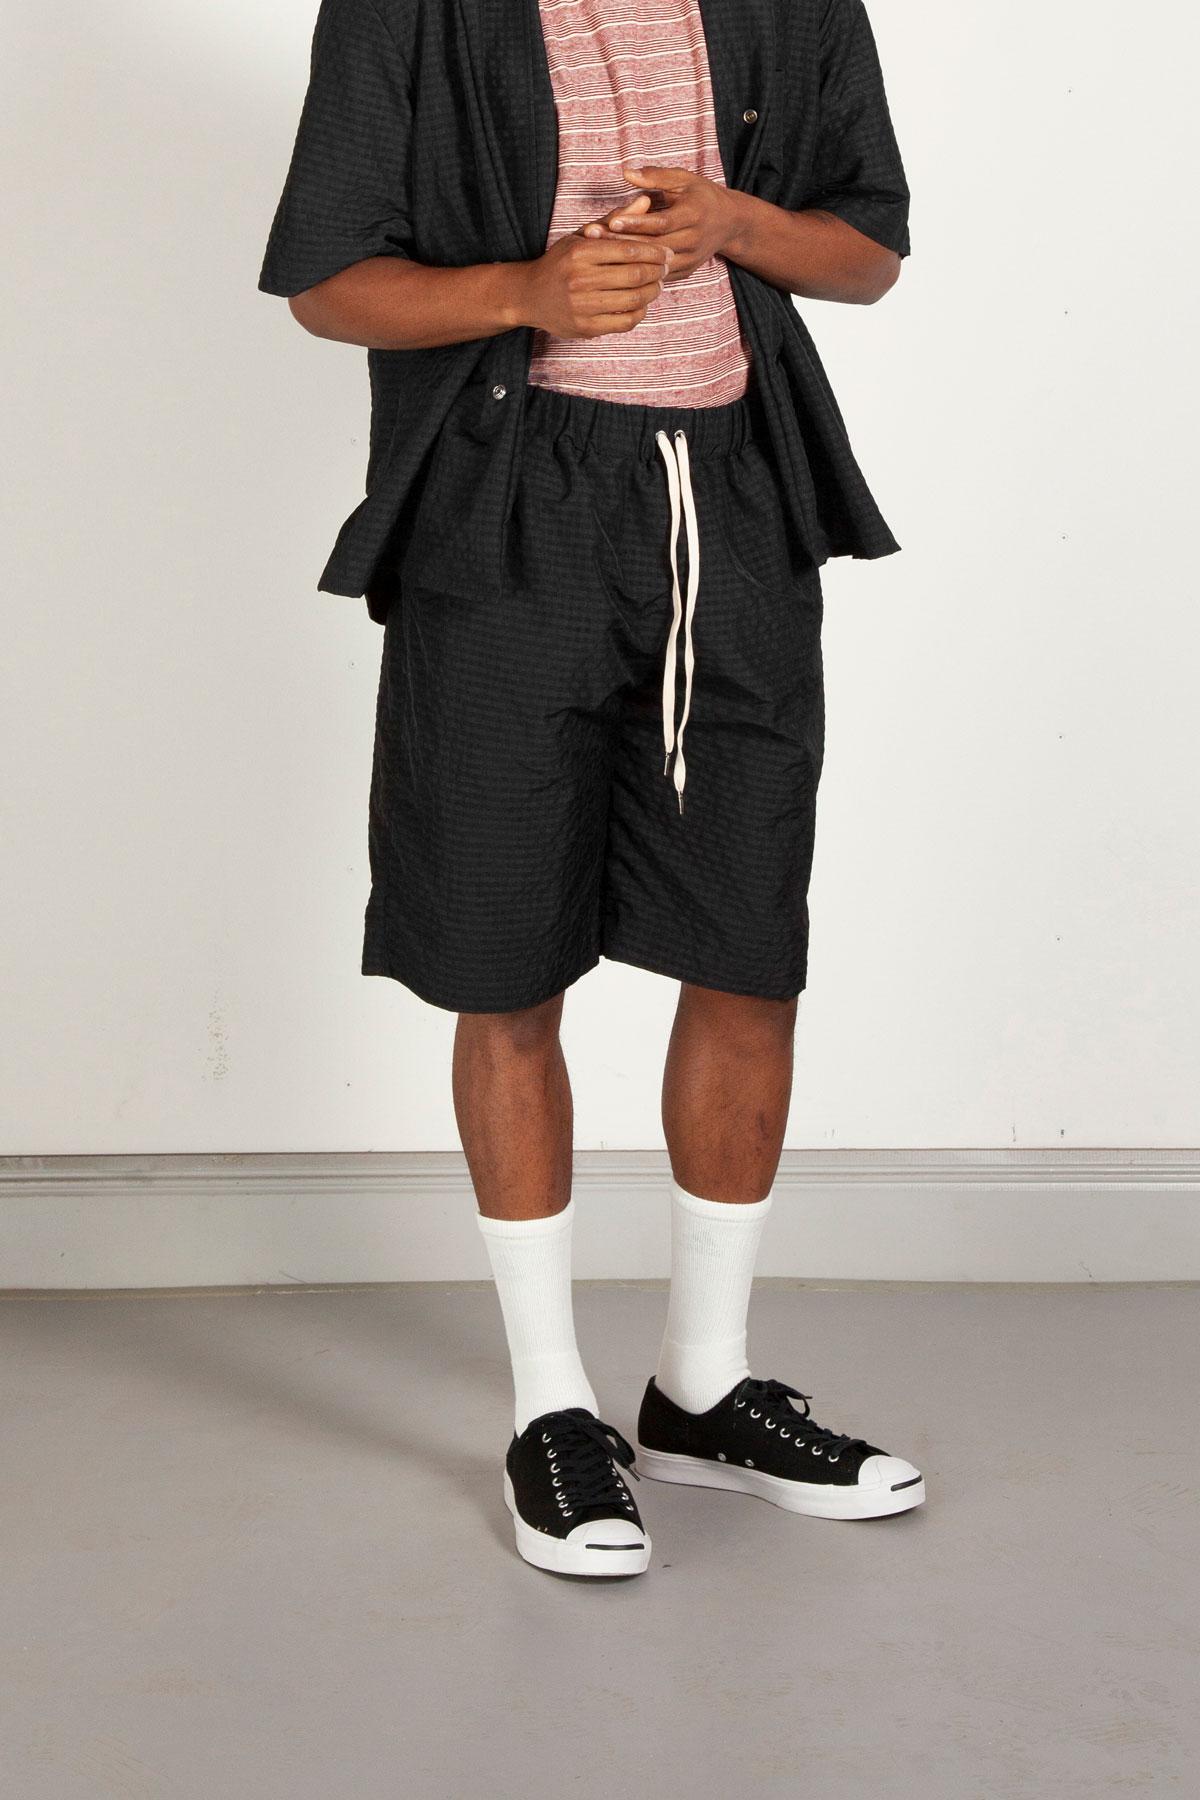 Solar shorts